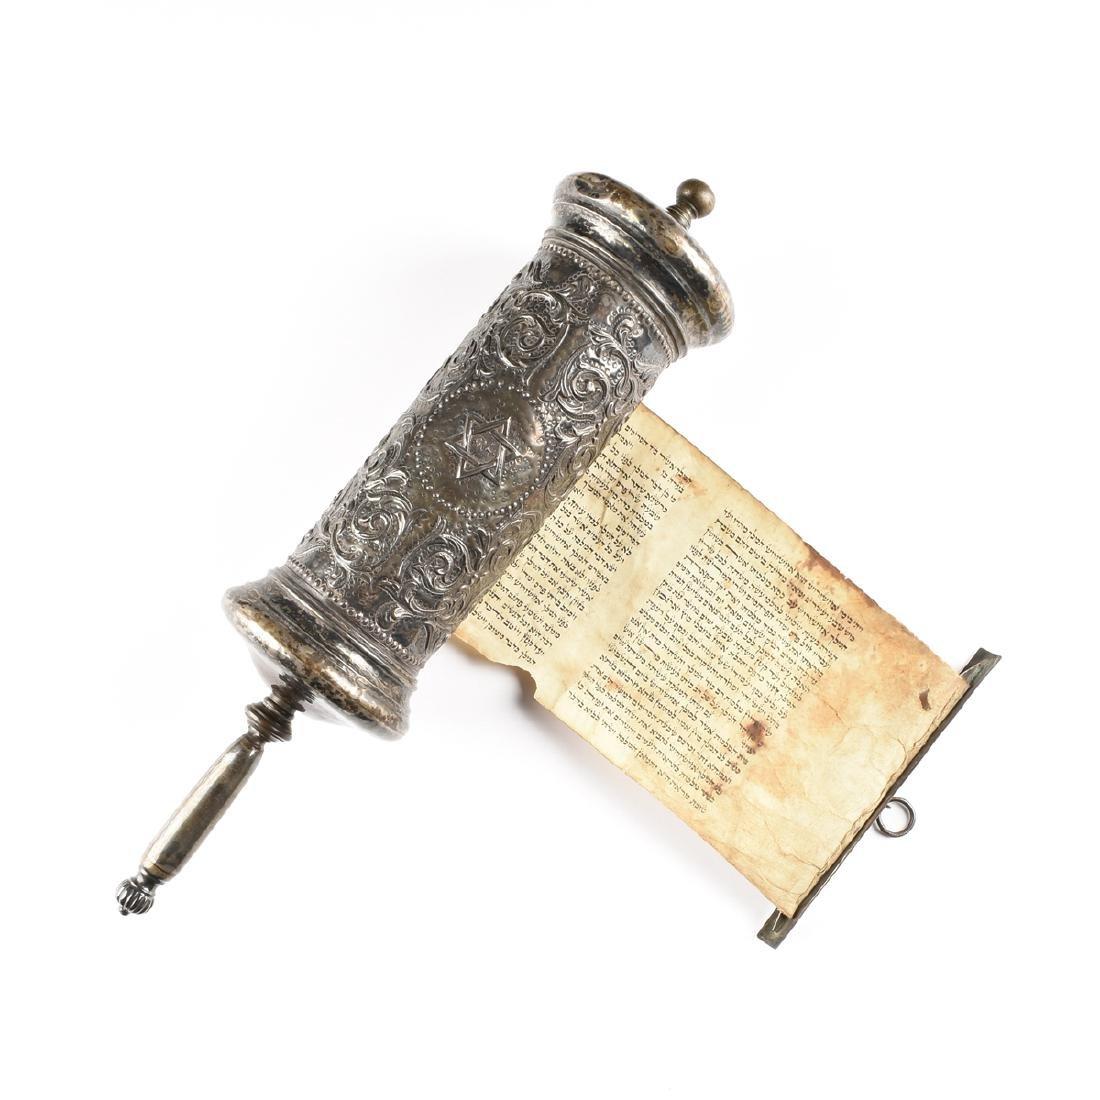 A JUDAICA SILVER PLATE CASED VELLUM MEGILLAH SCROLL,